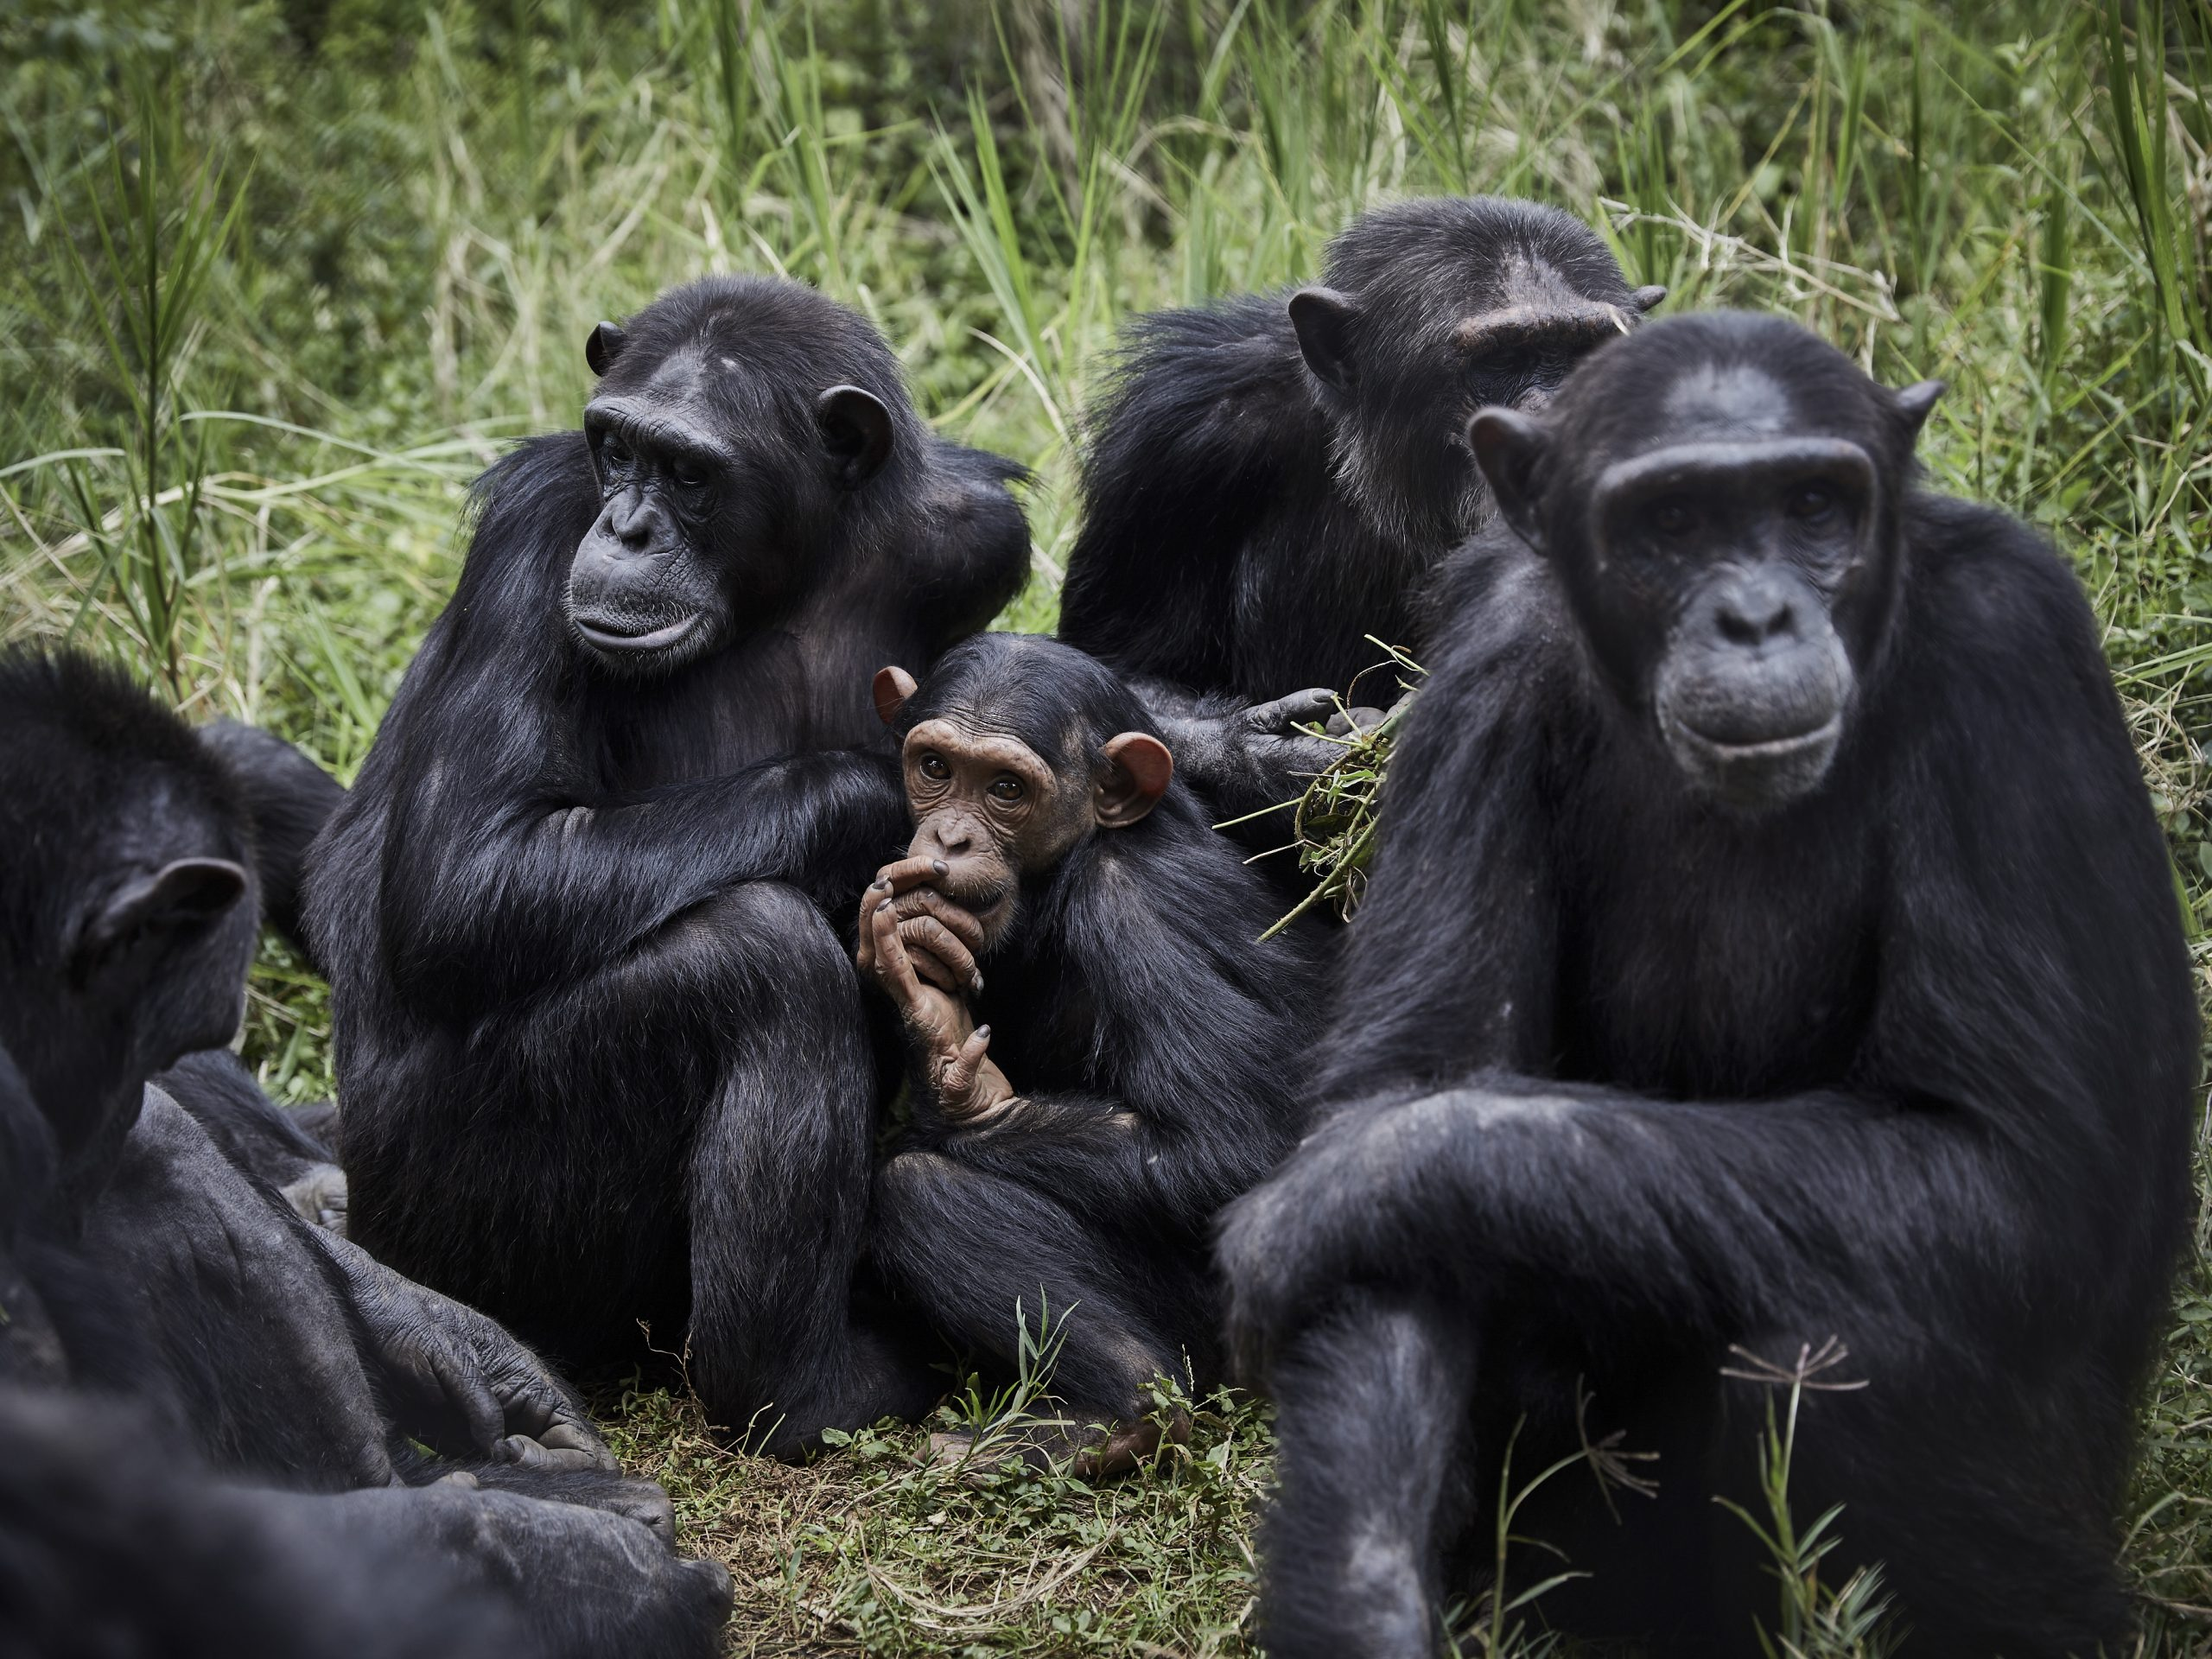 Los chimpancés, como los humanos, se unen ante las amenazas de otros grupos - 8012283671001-scaled-1